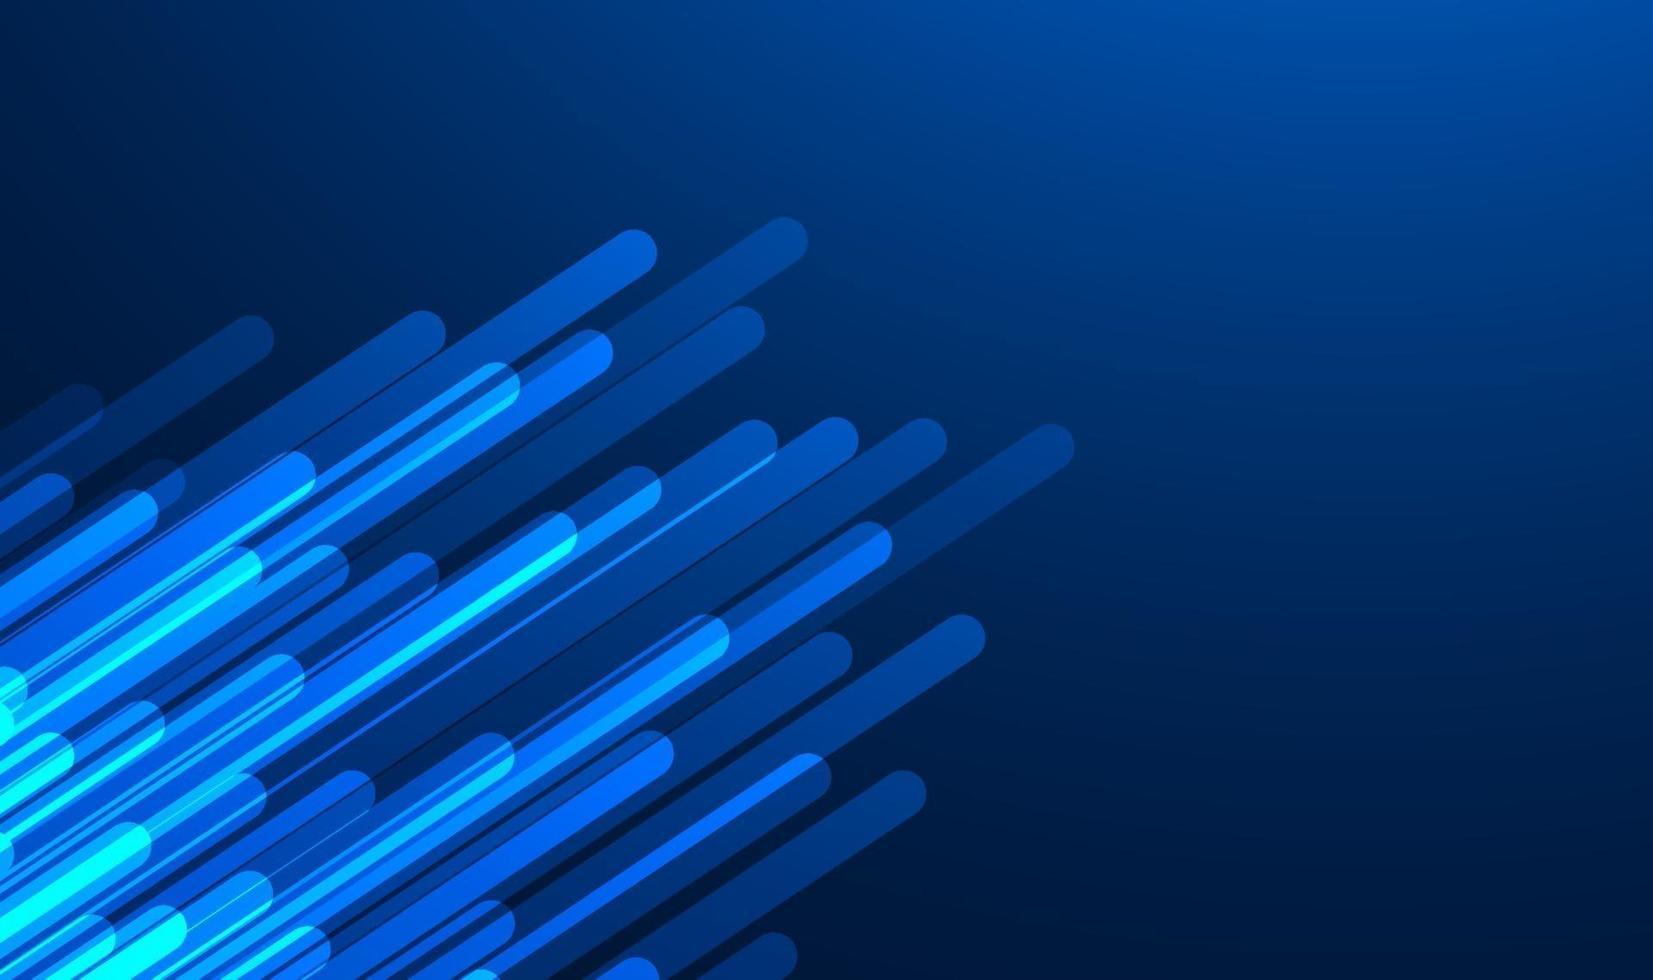 abstrakt blå tonad bakgrund med belysningslinjer. vektor illustration